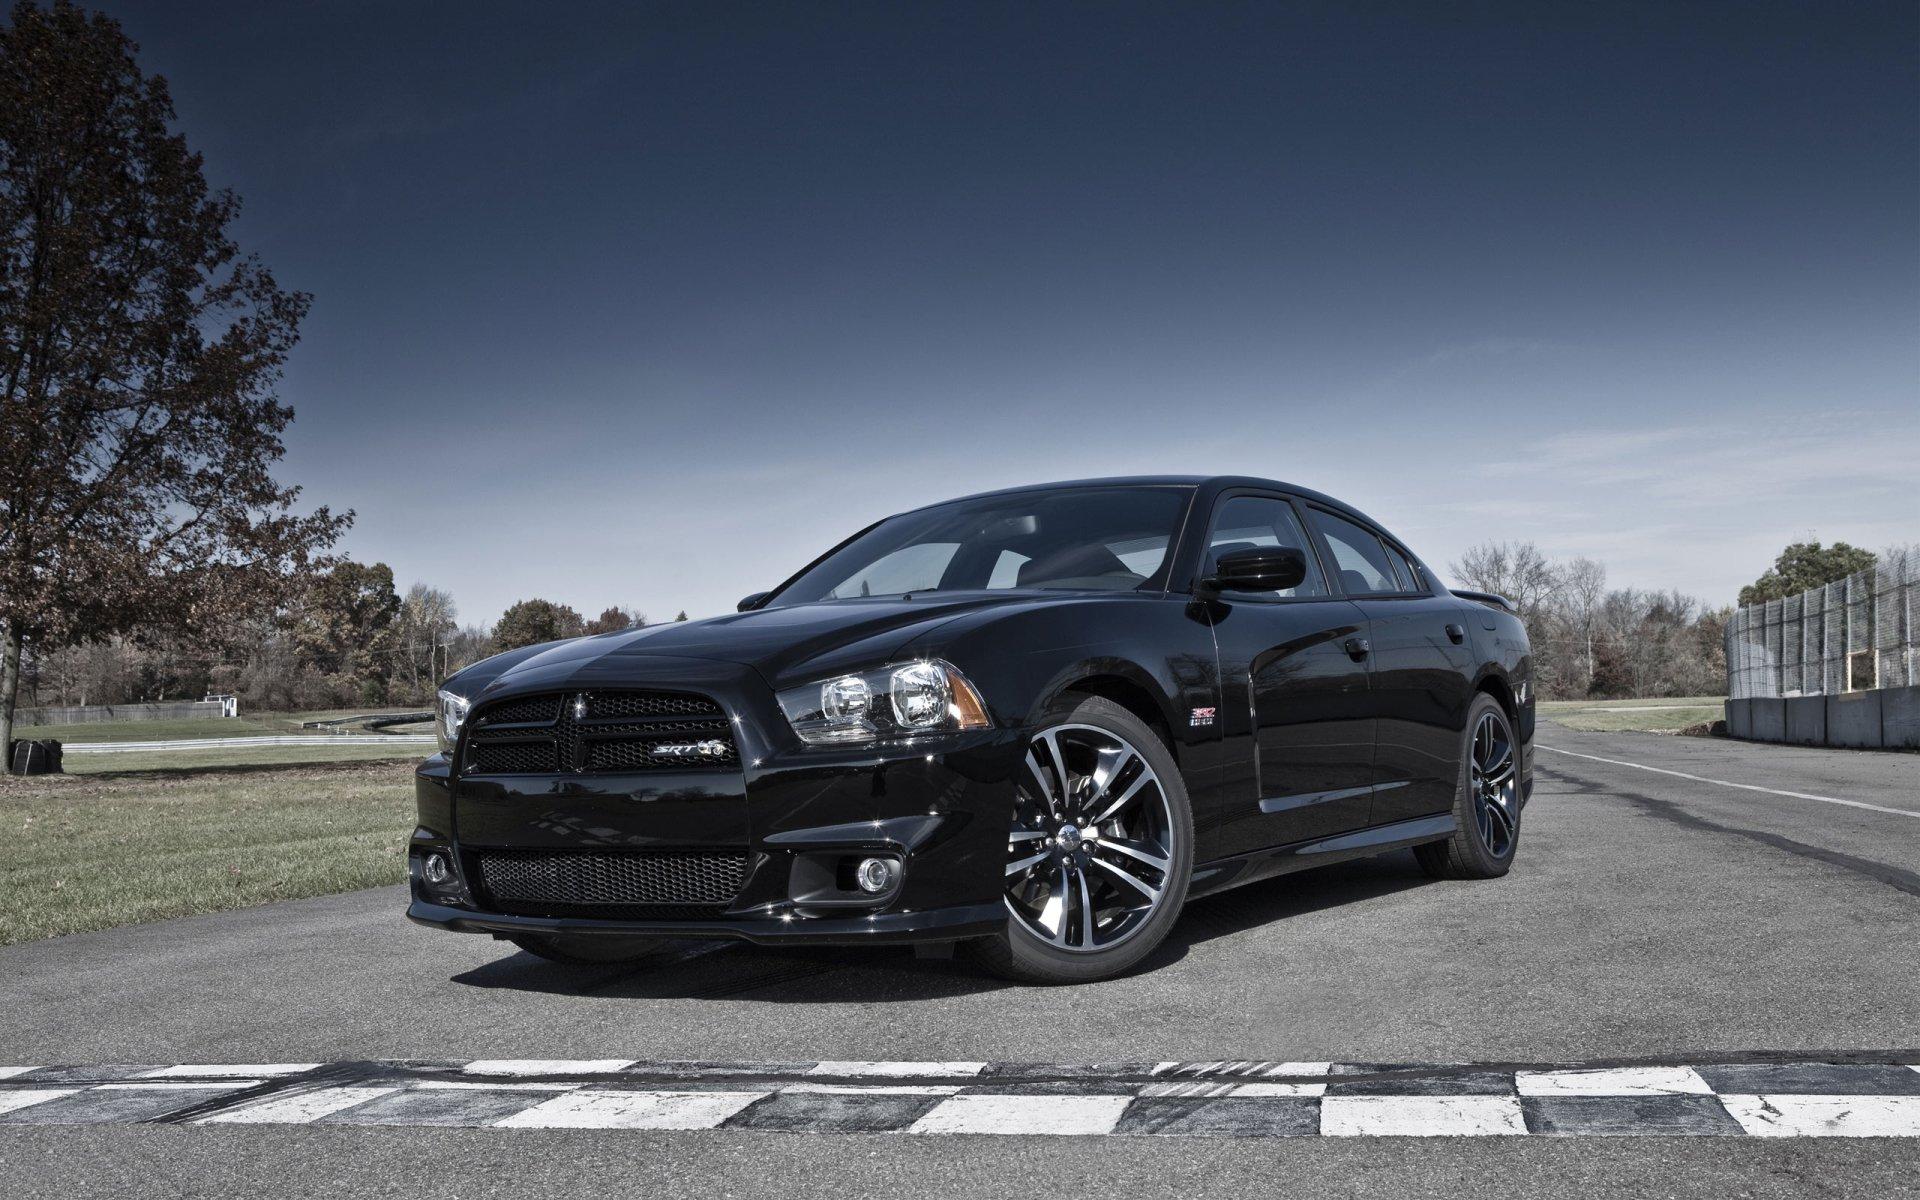 Dodge charger srt hd wallpaper background image - Charger srt wallpaper ...